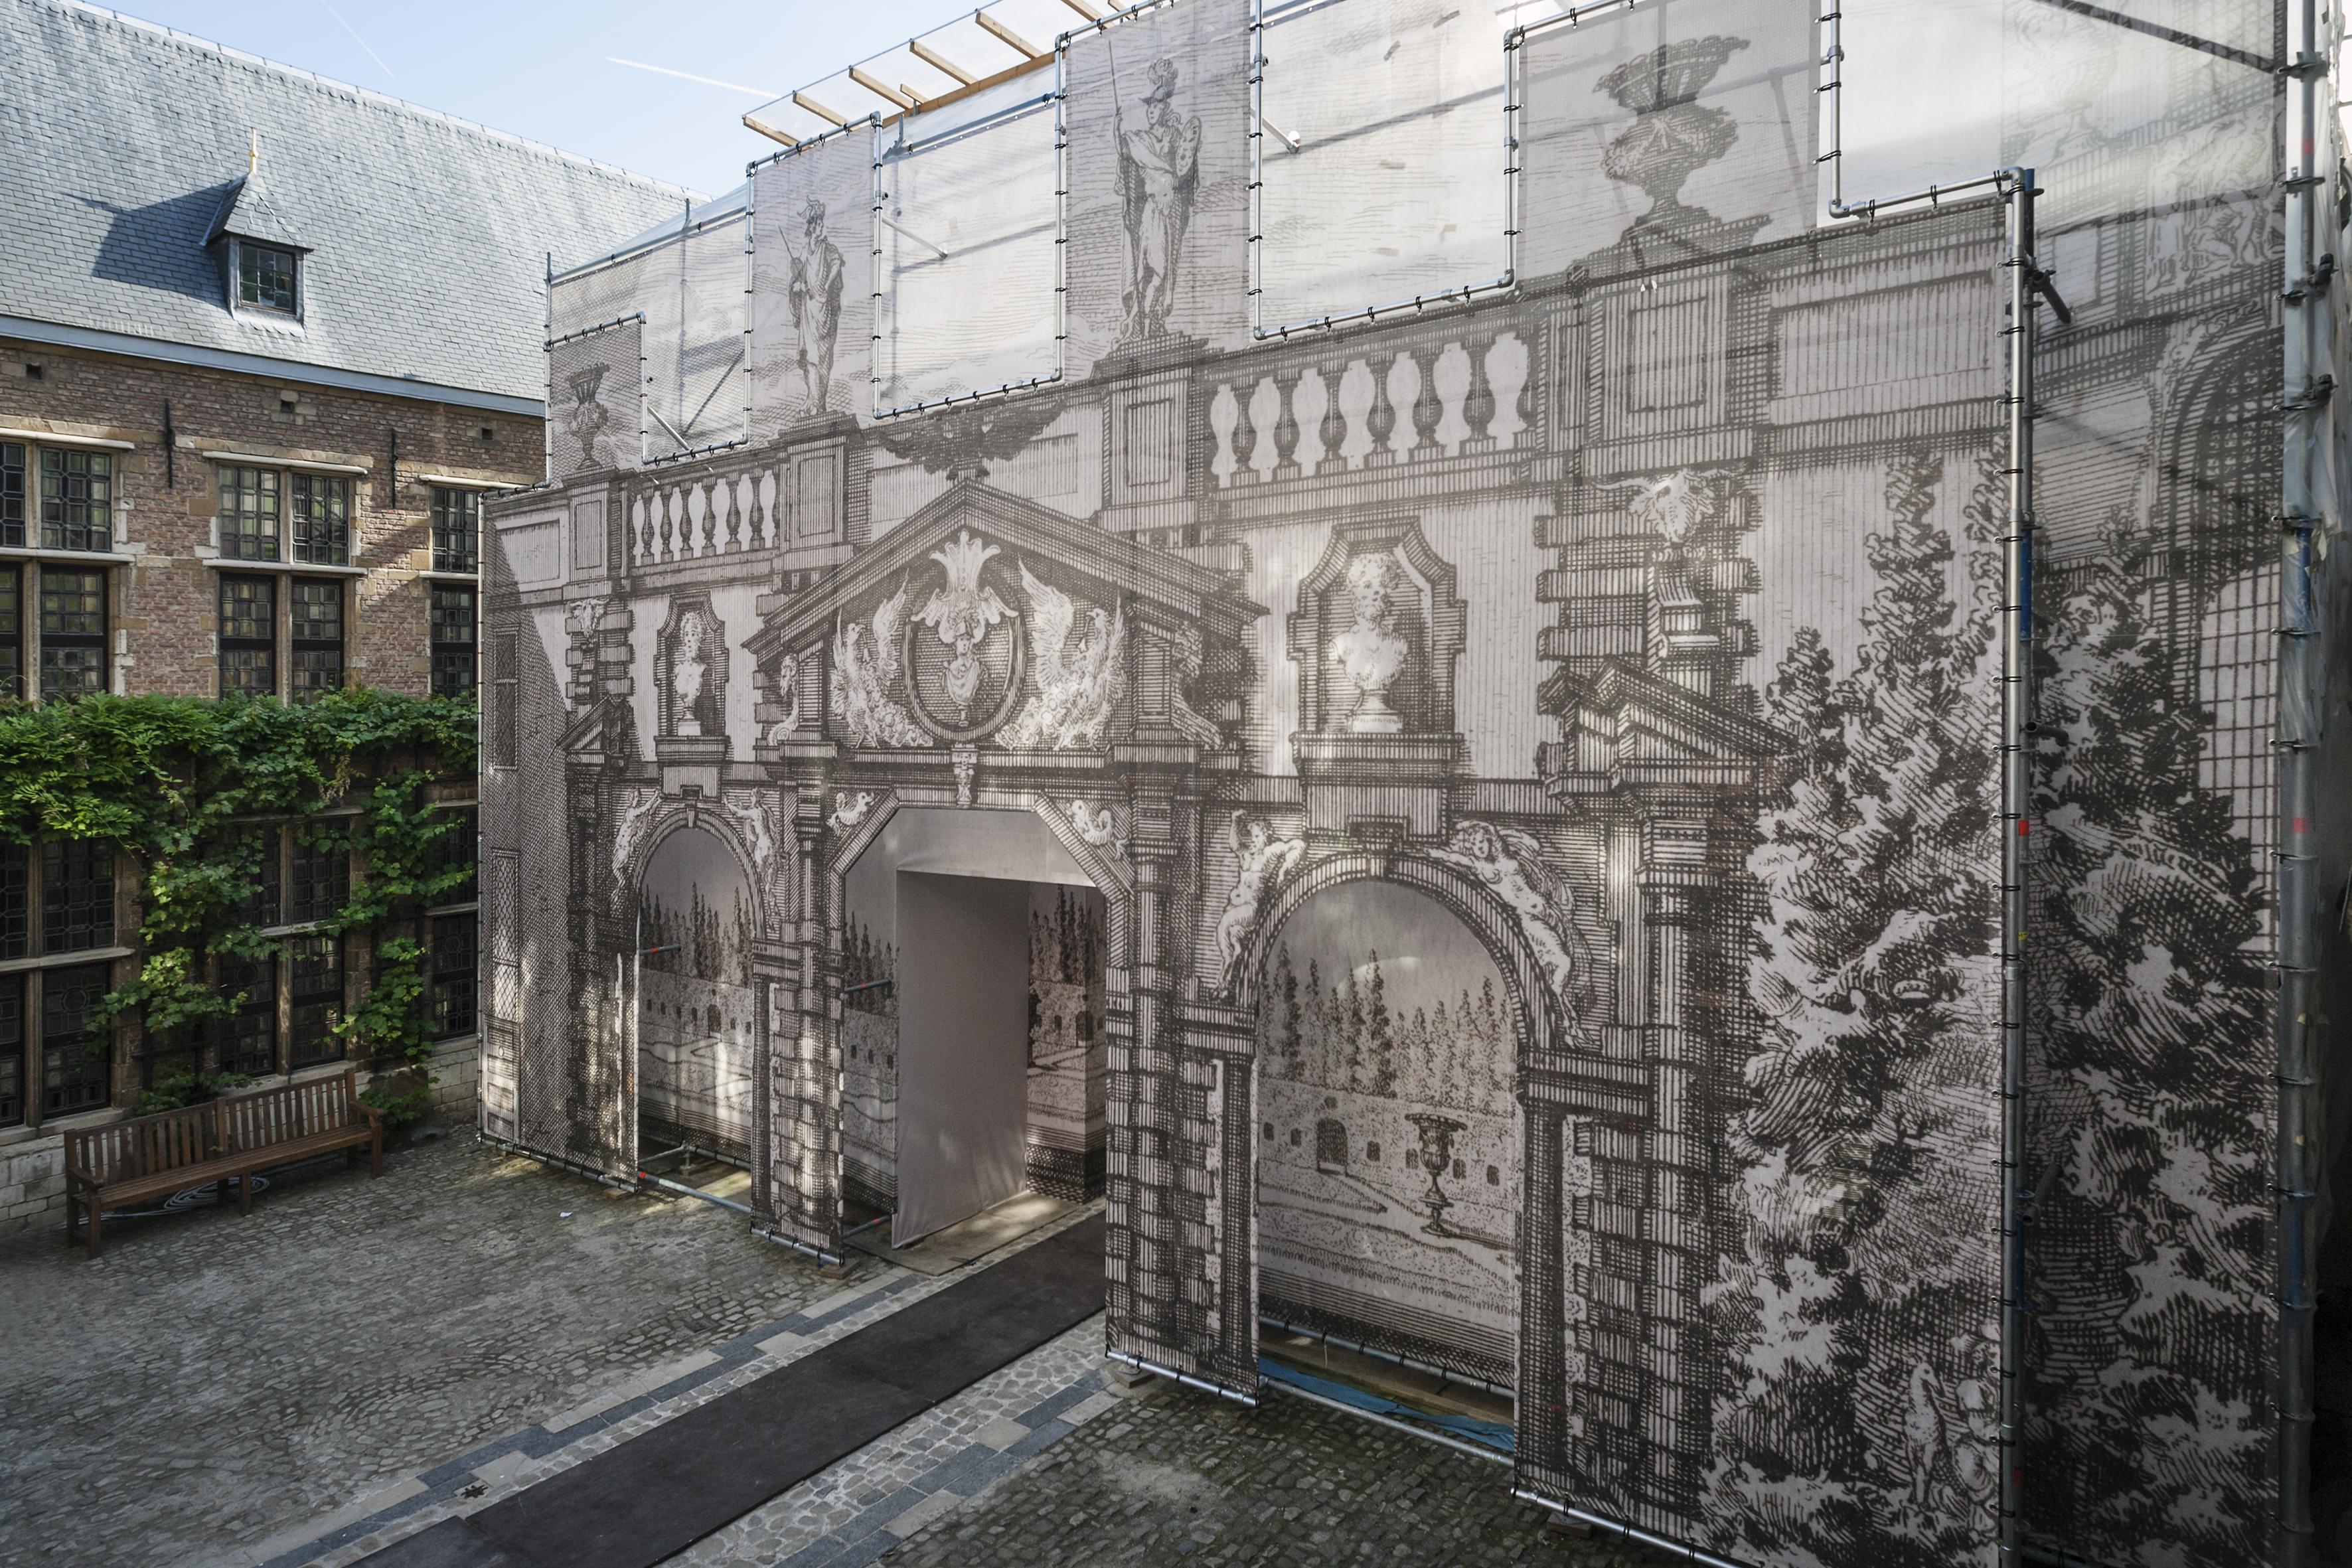 El esplendor de Rubens late de nuevo en Amberes – Arsmagazine